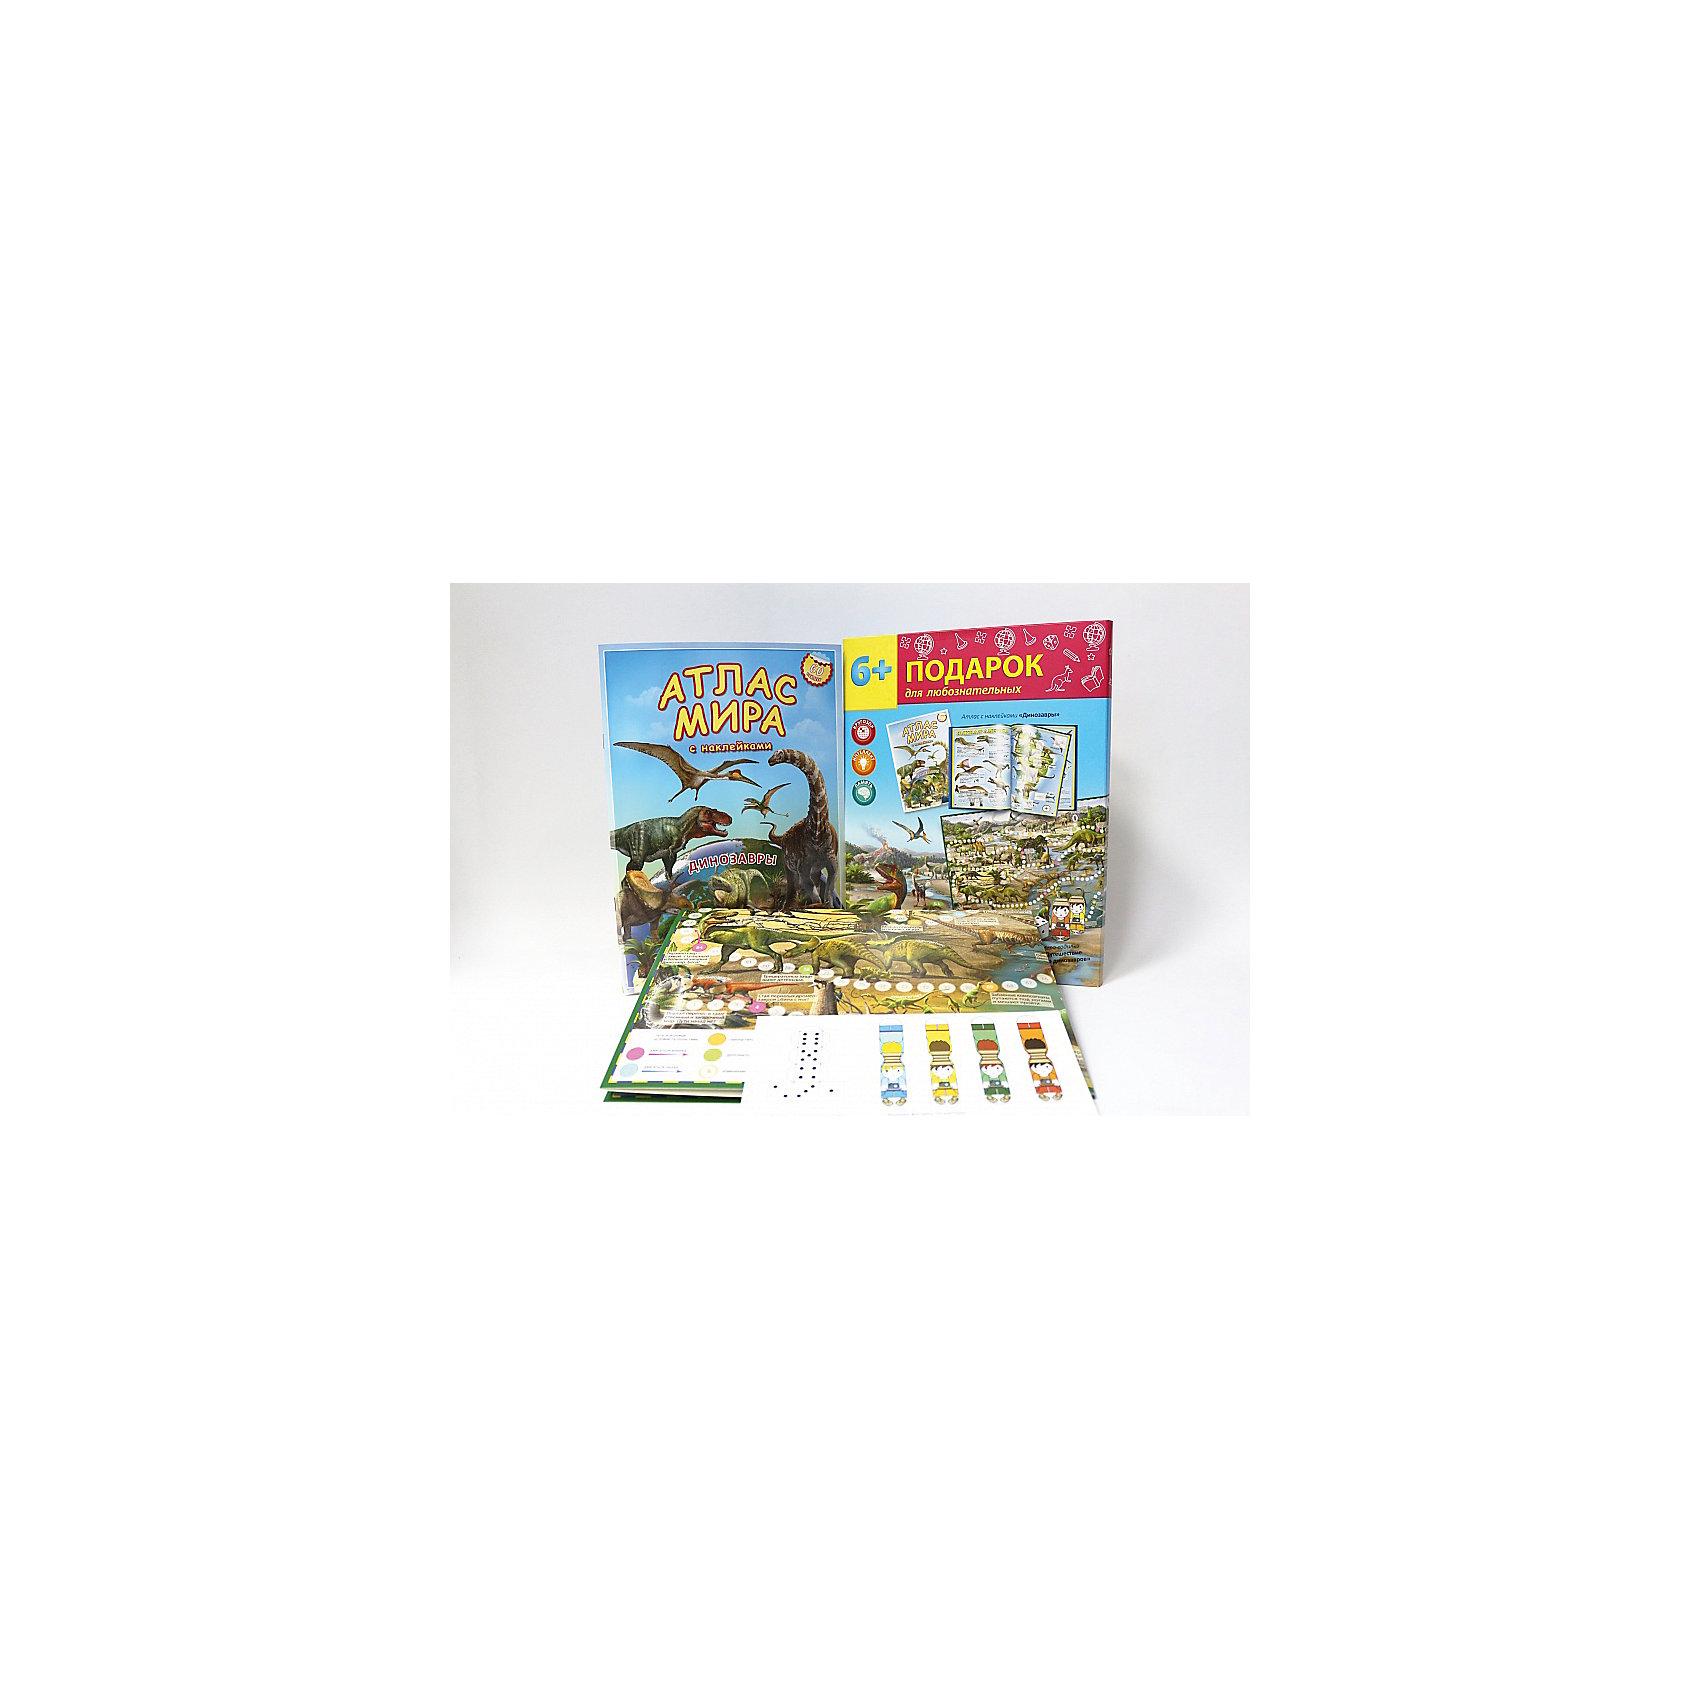 Подарок №5 Динозавры (2 предмета)Энциклопедии про динозавров<br>Характеристики товара:<br><br>• материал: ламинированный картон, бумага<br>• возраст: от 6 лет<br>• в комплекте: атлас, наклейки, настольная игра<br>• габариты упаковки: 30х22,5х1 см<br>• вес: 290 г<br>• страна производитель: Россия<br><br>Играя в путешествие, ребёнок переносится через портал времени в удивительный мир динозавров, где случаются забавные и даже опасные игровые приключения — так происходит знакомство с доисторическим  окружающим миром.<br><br>В Атласе ребёнок найдёт красочные изображения динозавров и других доисторических животных. Интересные энциклопедические сведения сопровождают иллюстрации и гарантируют захватывающее чтение. Представленные наклейки закрепят знания детей, потренируют память и воображение.<br><br>Подарок №5 Динозавры (2 предмета) можно купить в нашем интернет-магазине.<br><br>Ширина мм: 300<br>Глубина мм: 225<br>Высота мм: 10<br>Вес г: 290<br>Возраст от месяцев: 72<br>Возраст до месяцев: 108<br>Пол: Унисекс<br>Возраст: Детский<br>SKU: 5422968